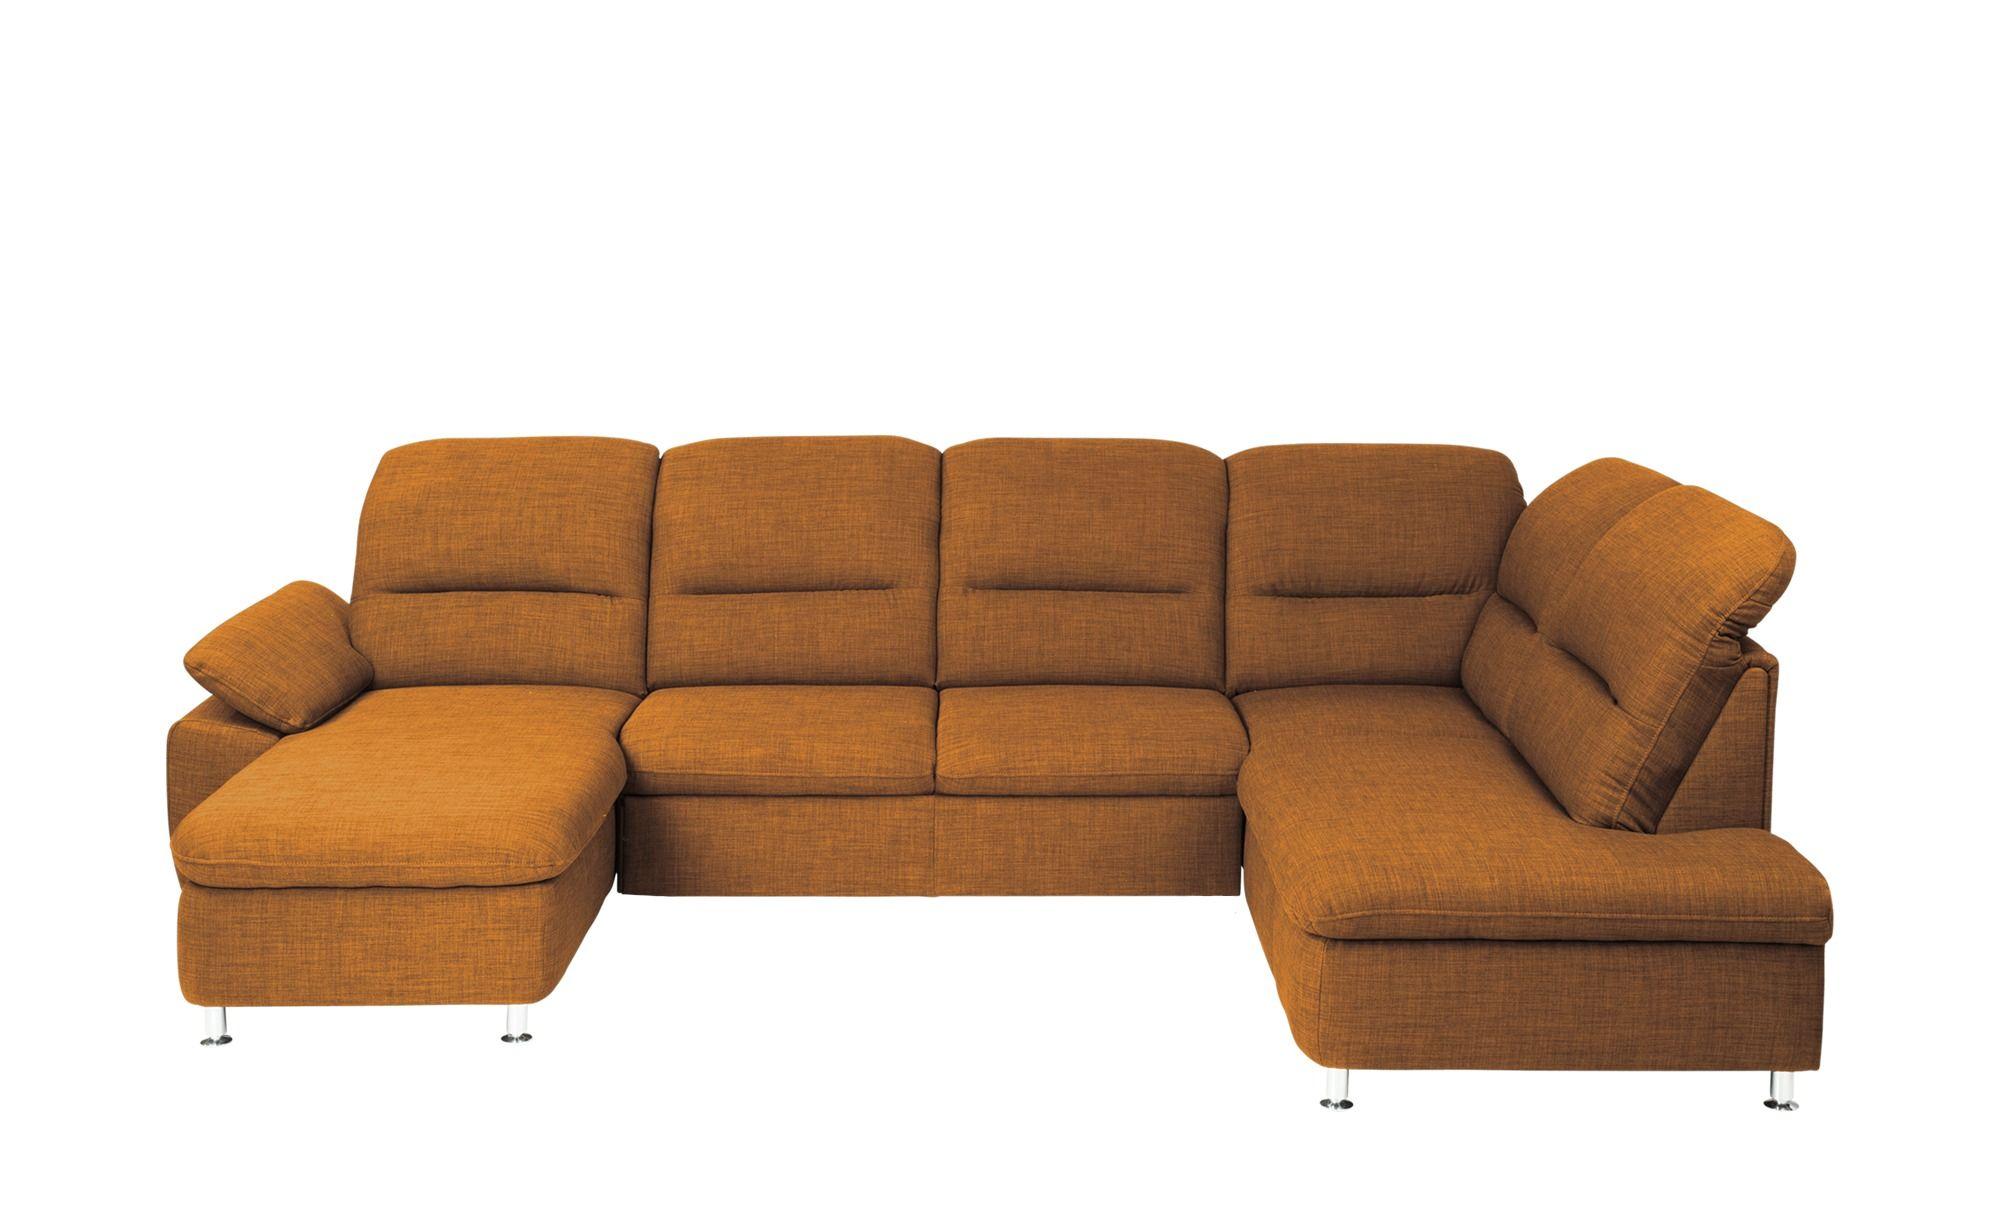 Sofa Covers Online Ireland Schone Gunstige Sofas Gunstige Ecksofas Mit Schlaffunktion In Leder Kaufen Wohnlandschaft Mit Schlaffunktion Wohnlandschaft Sofa